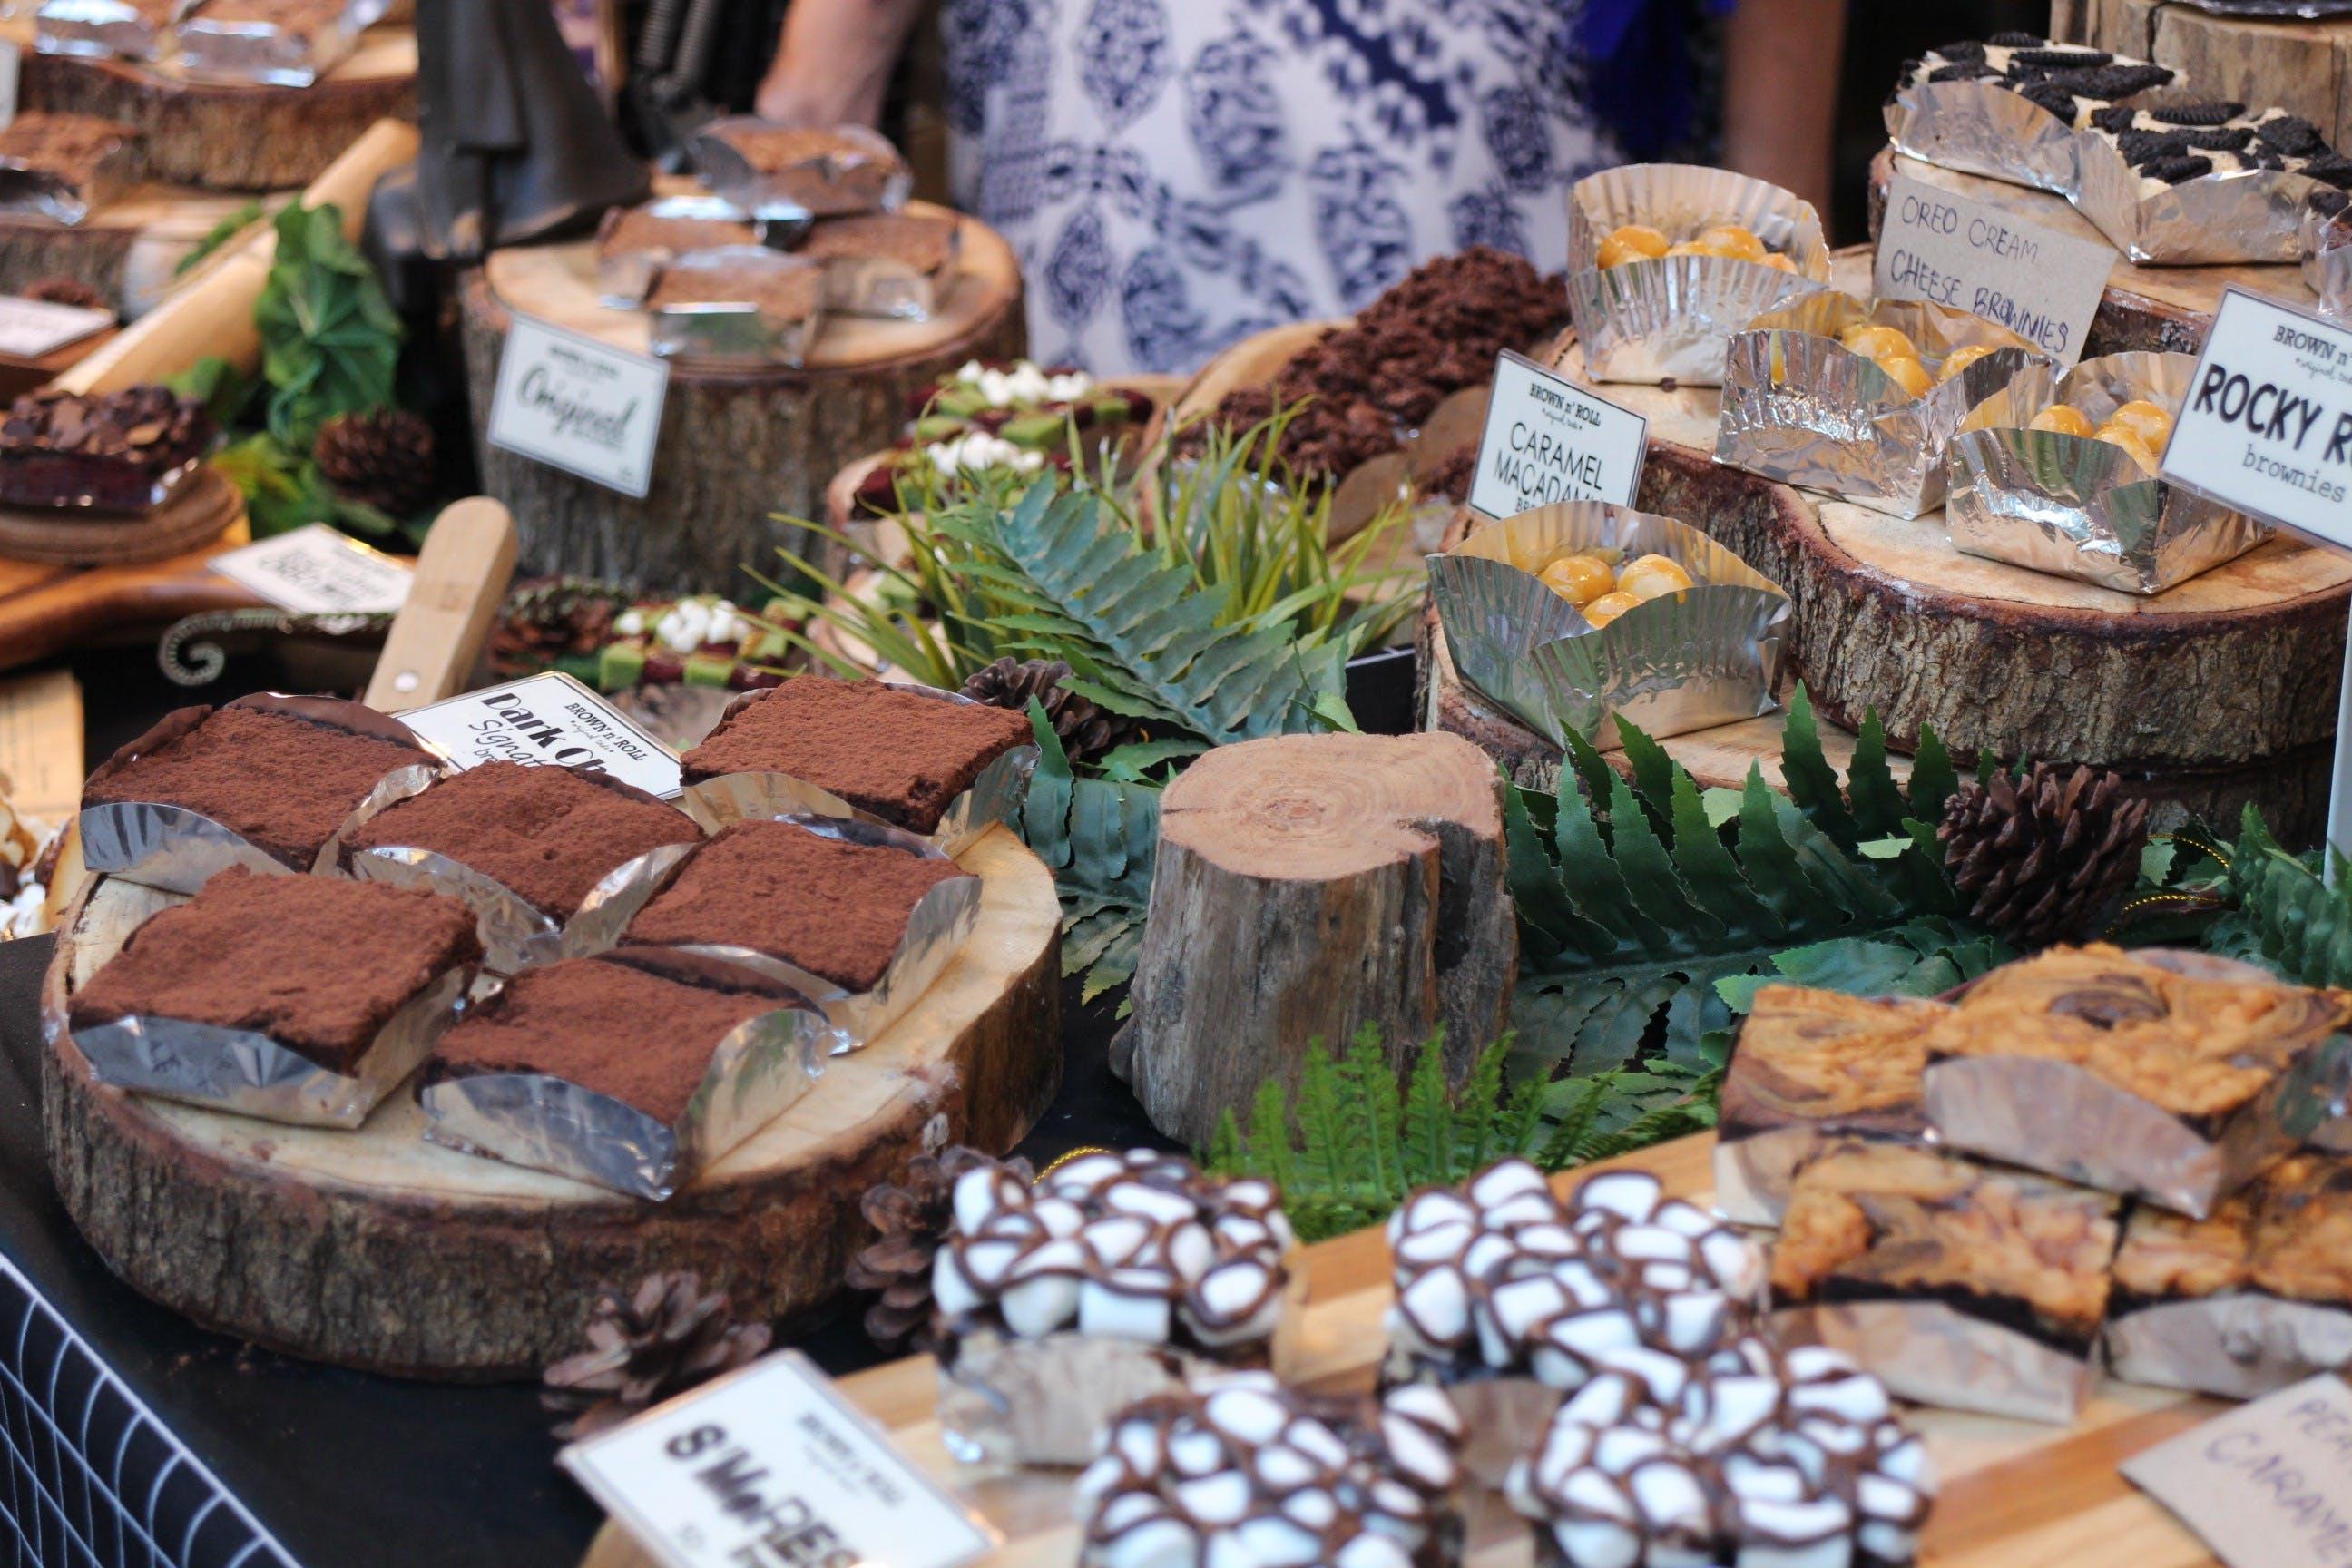 Kostnadsfri bild av bås, choklad, försäljning, gatumat